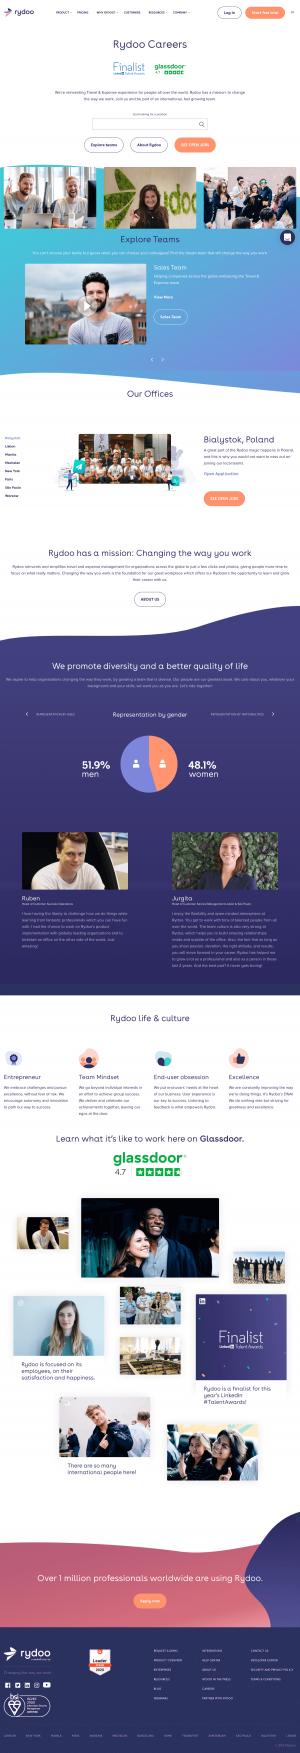 Rydoo – Careers page